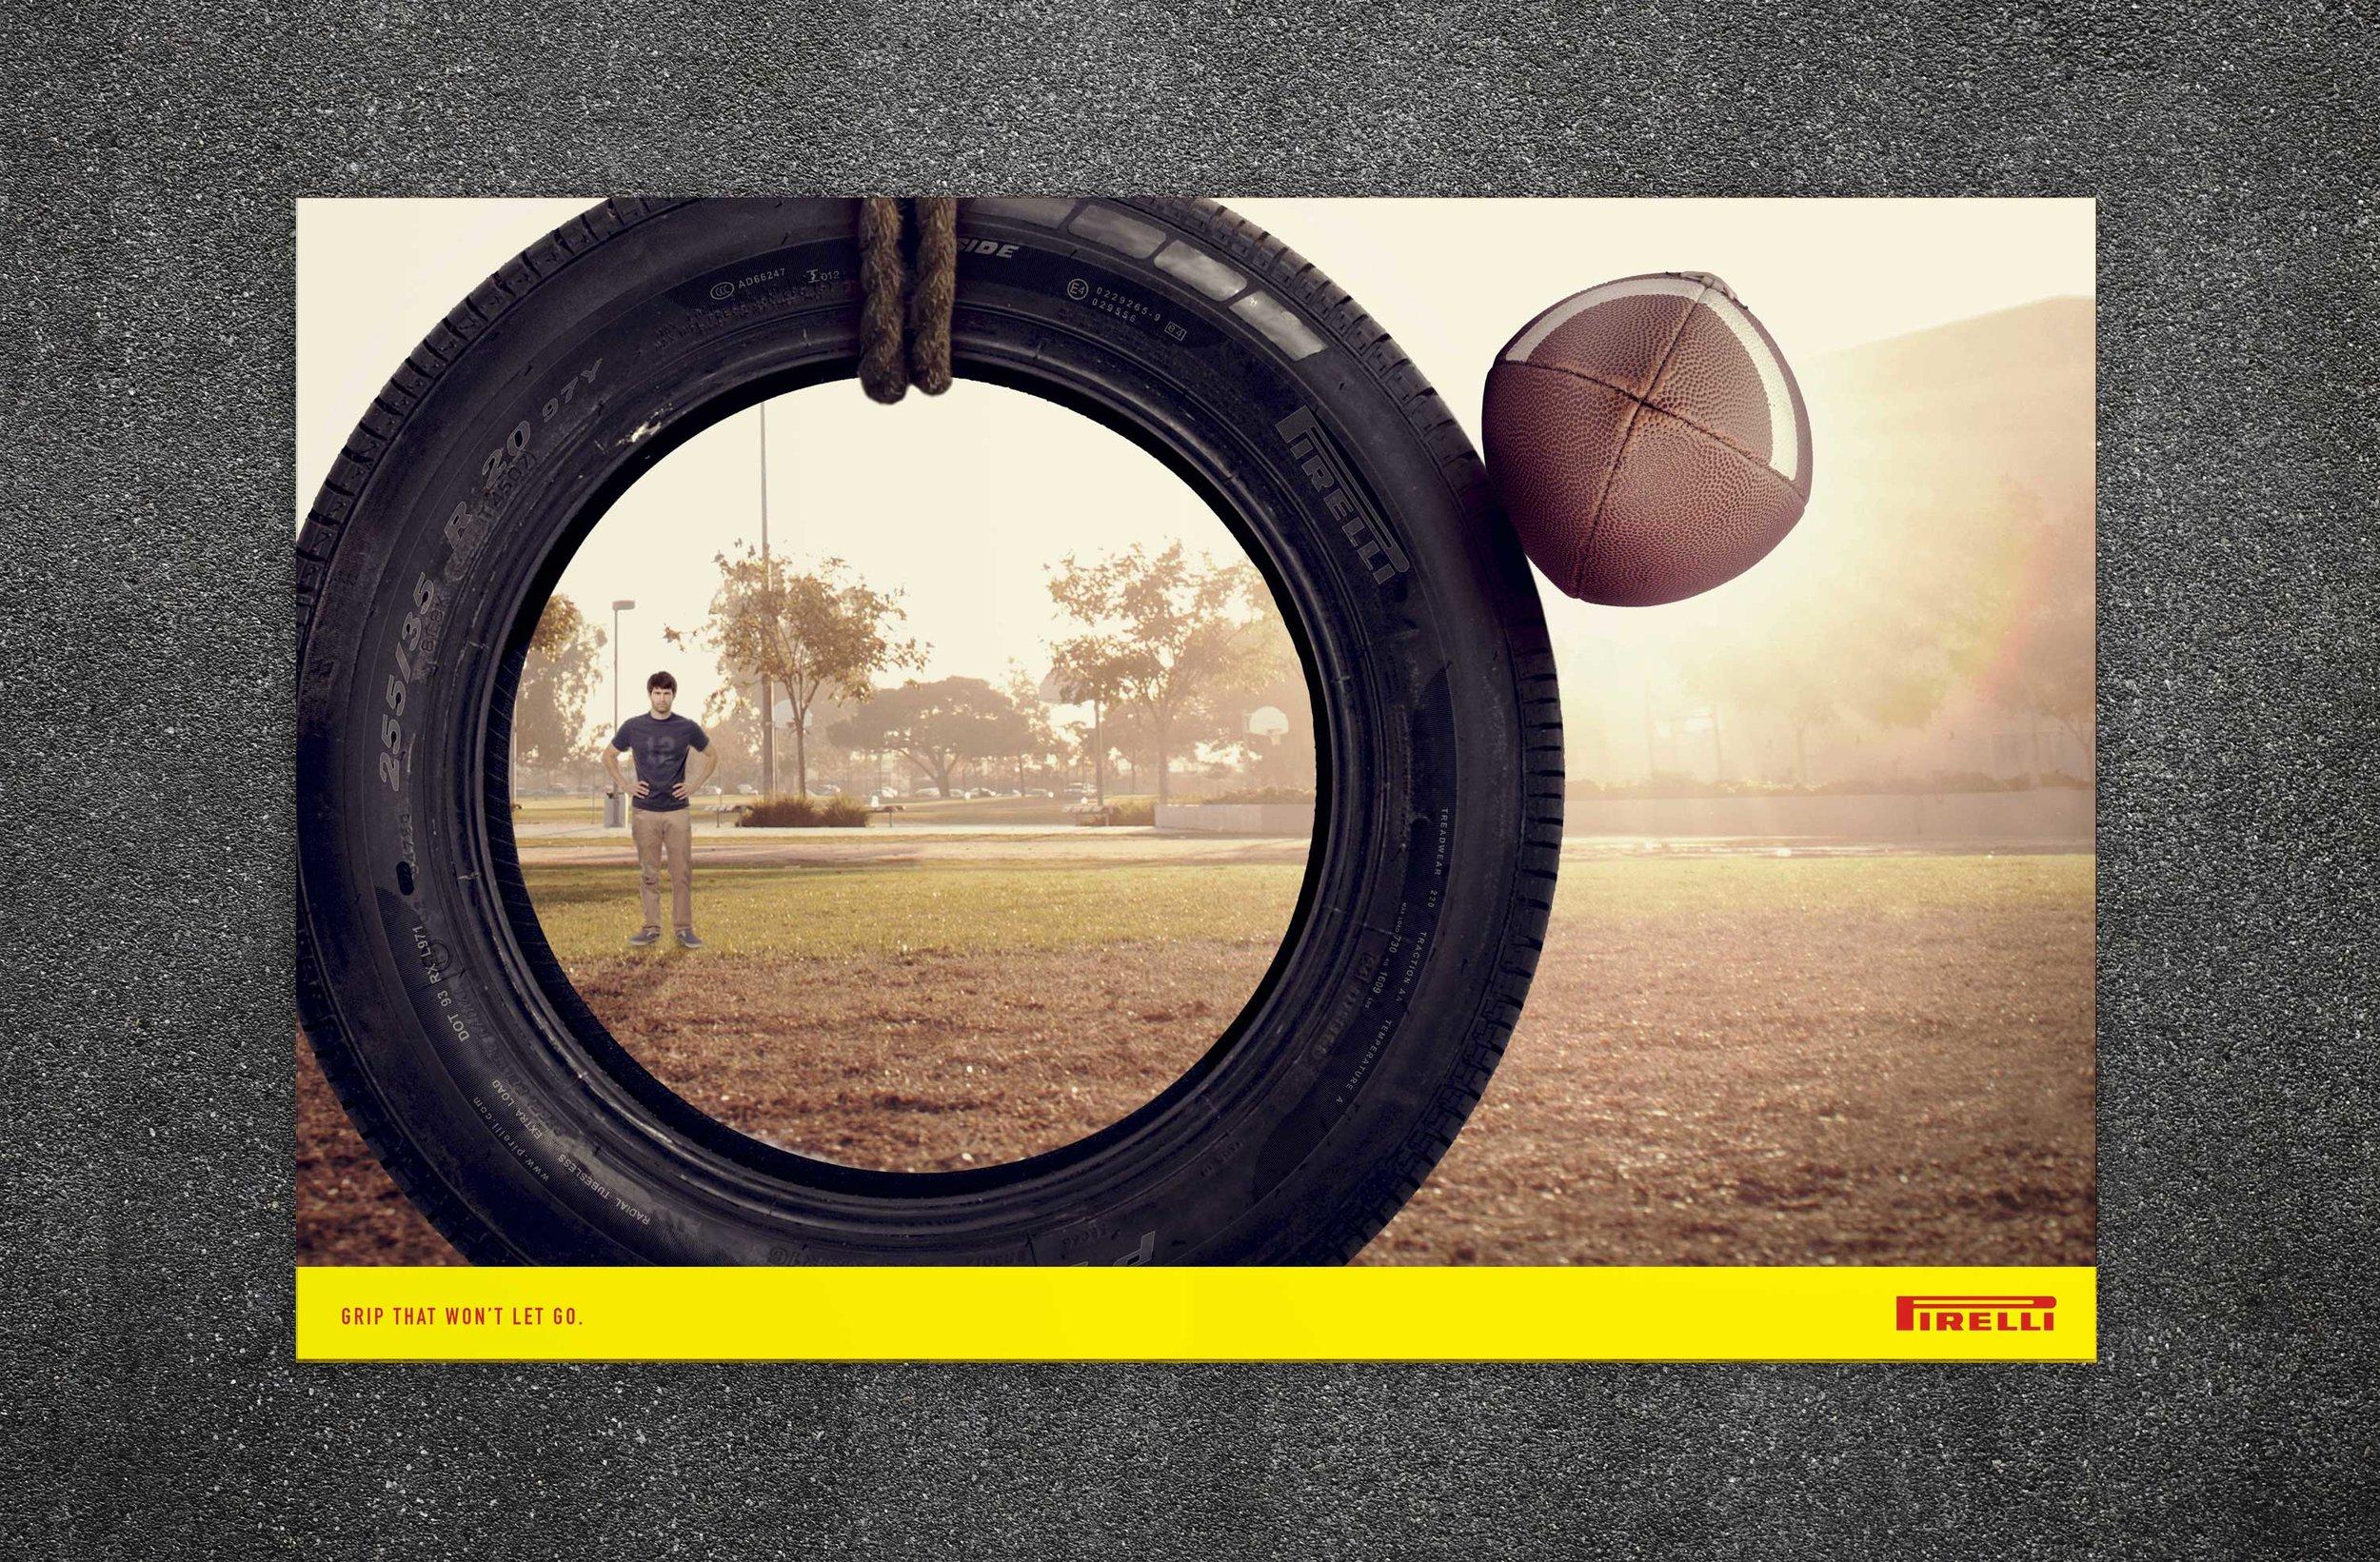 pirelli_spread_2.jpg